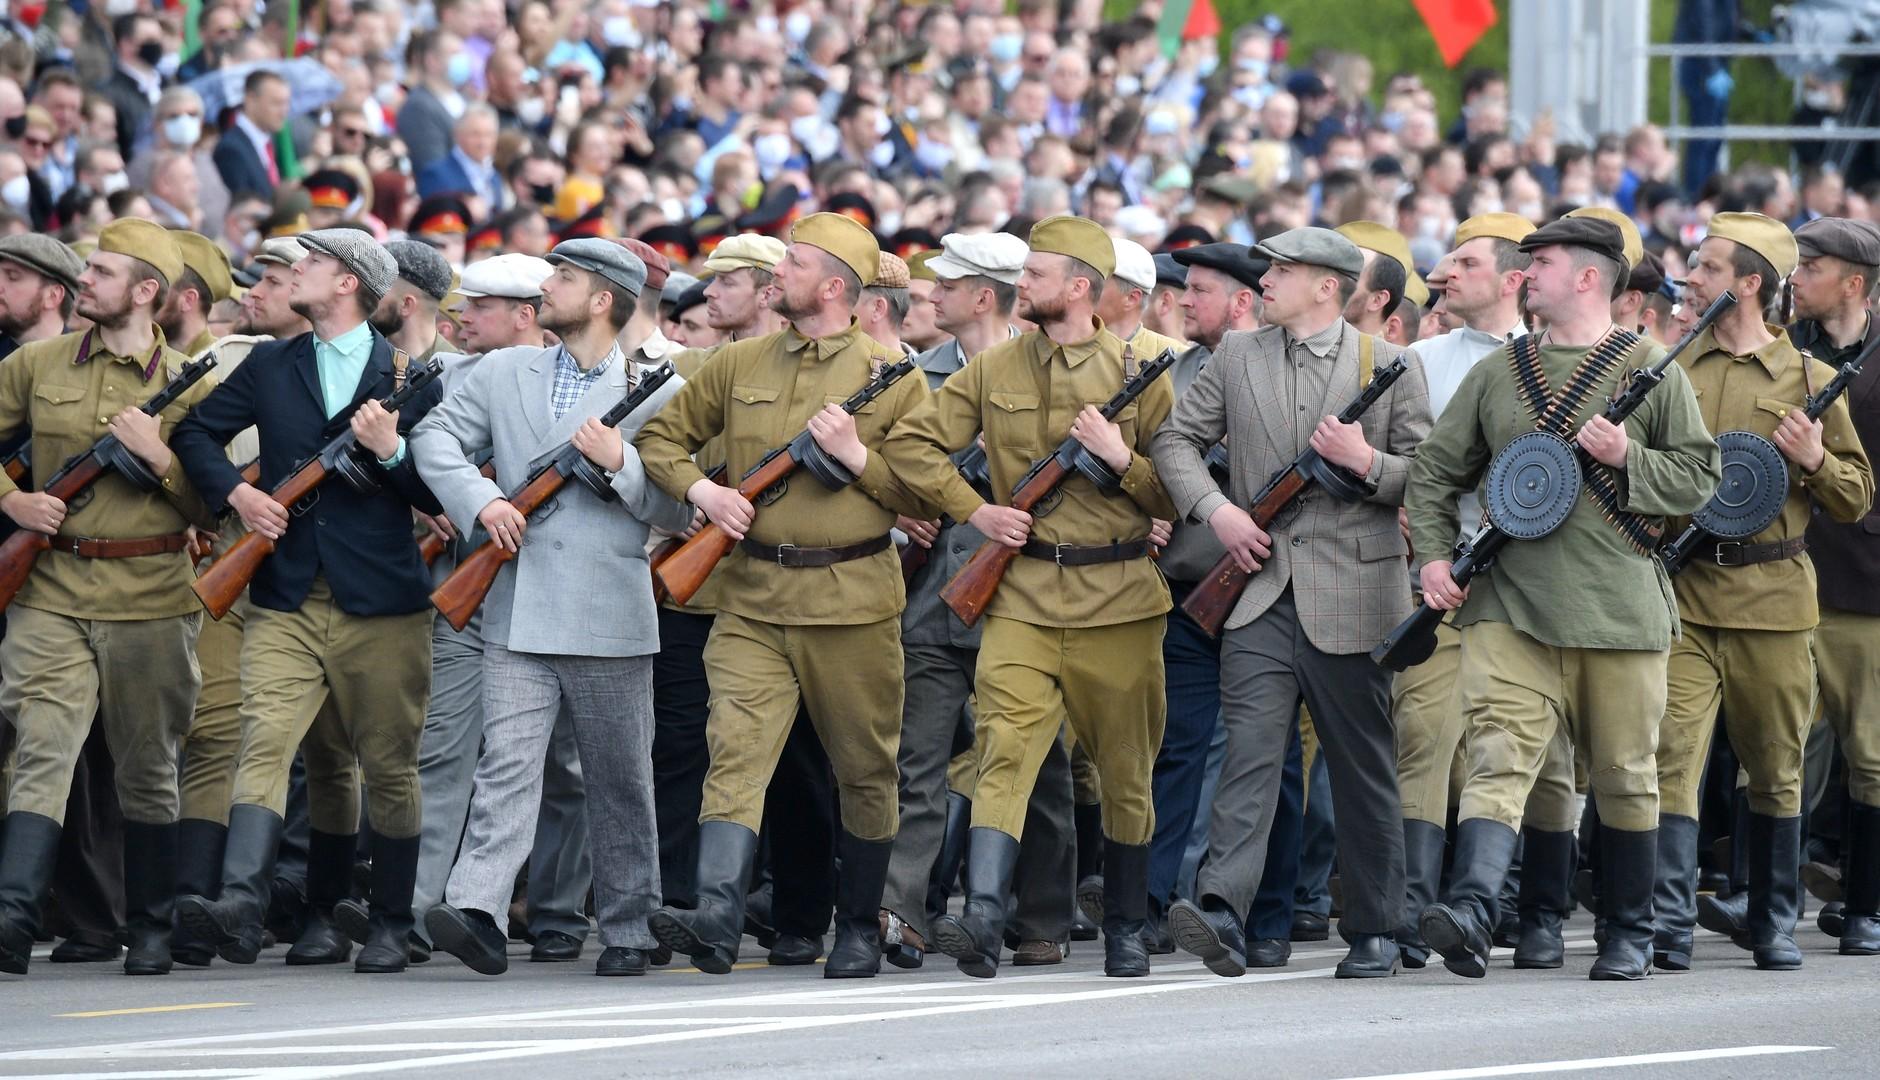 Sieg oder Corona? Nachbetrachtung einer umstrittenen Parade in Weißrussland